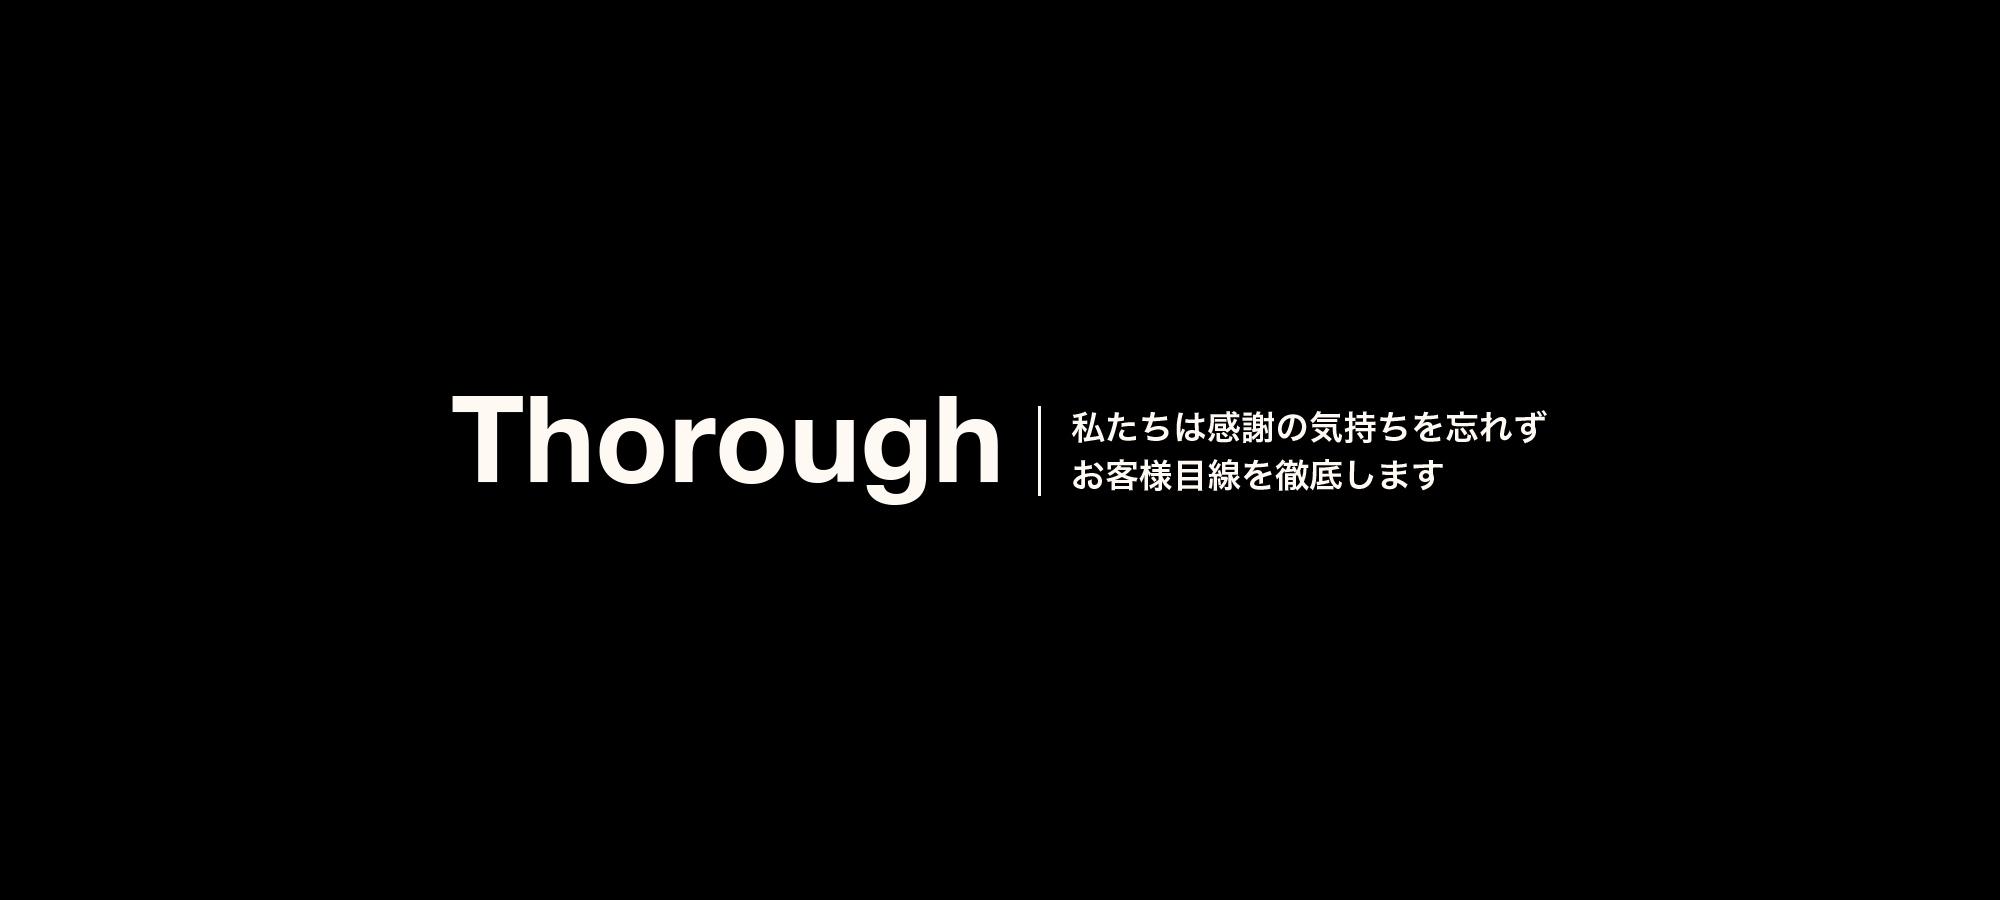 近畿黒崎工業株式会社